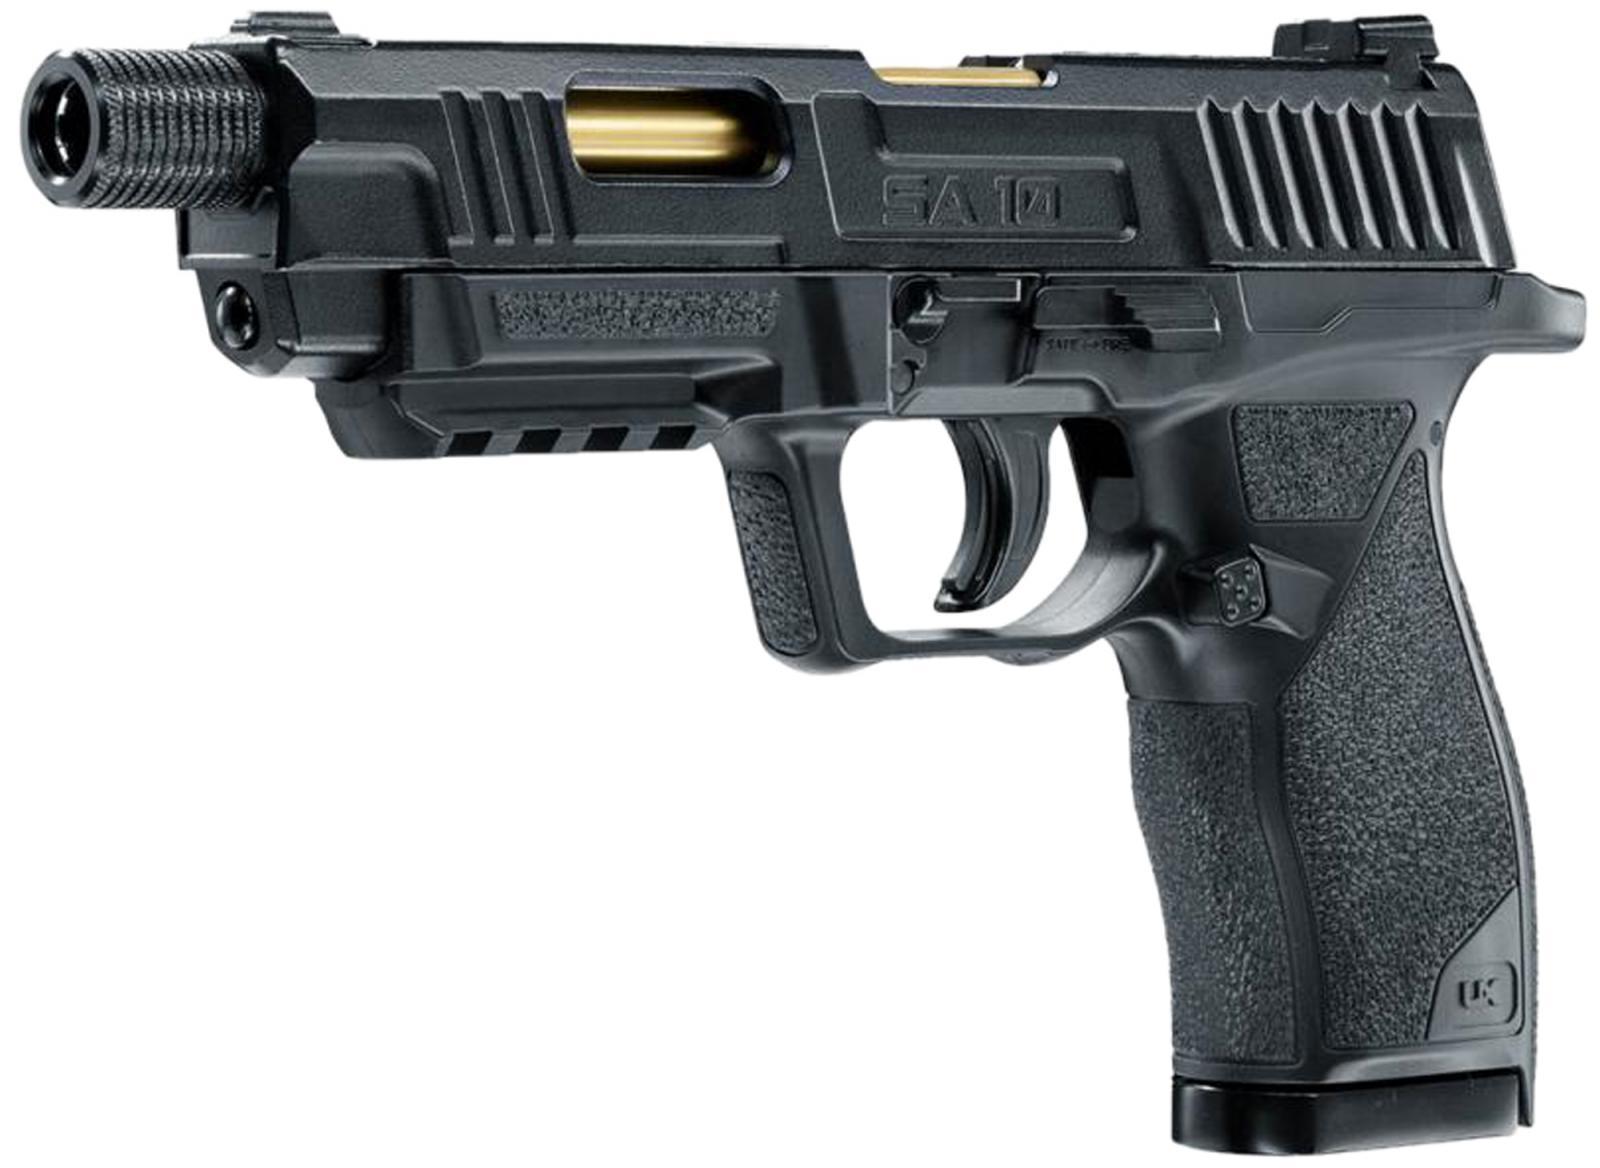 Pistolet CO2 UMAREX SA10 cal. 4.5 mm